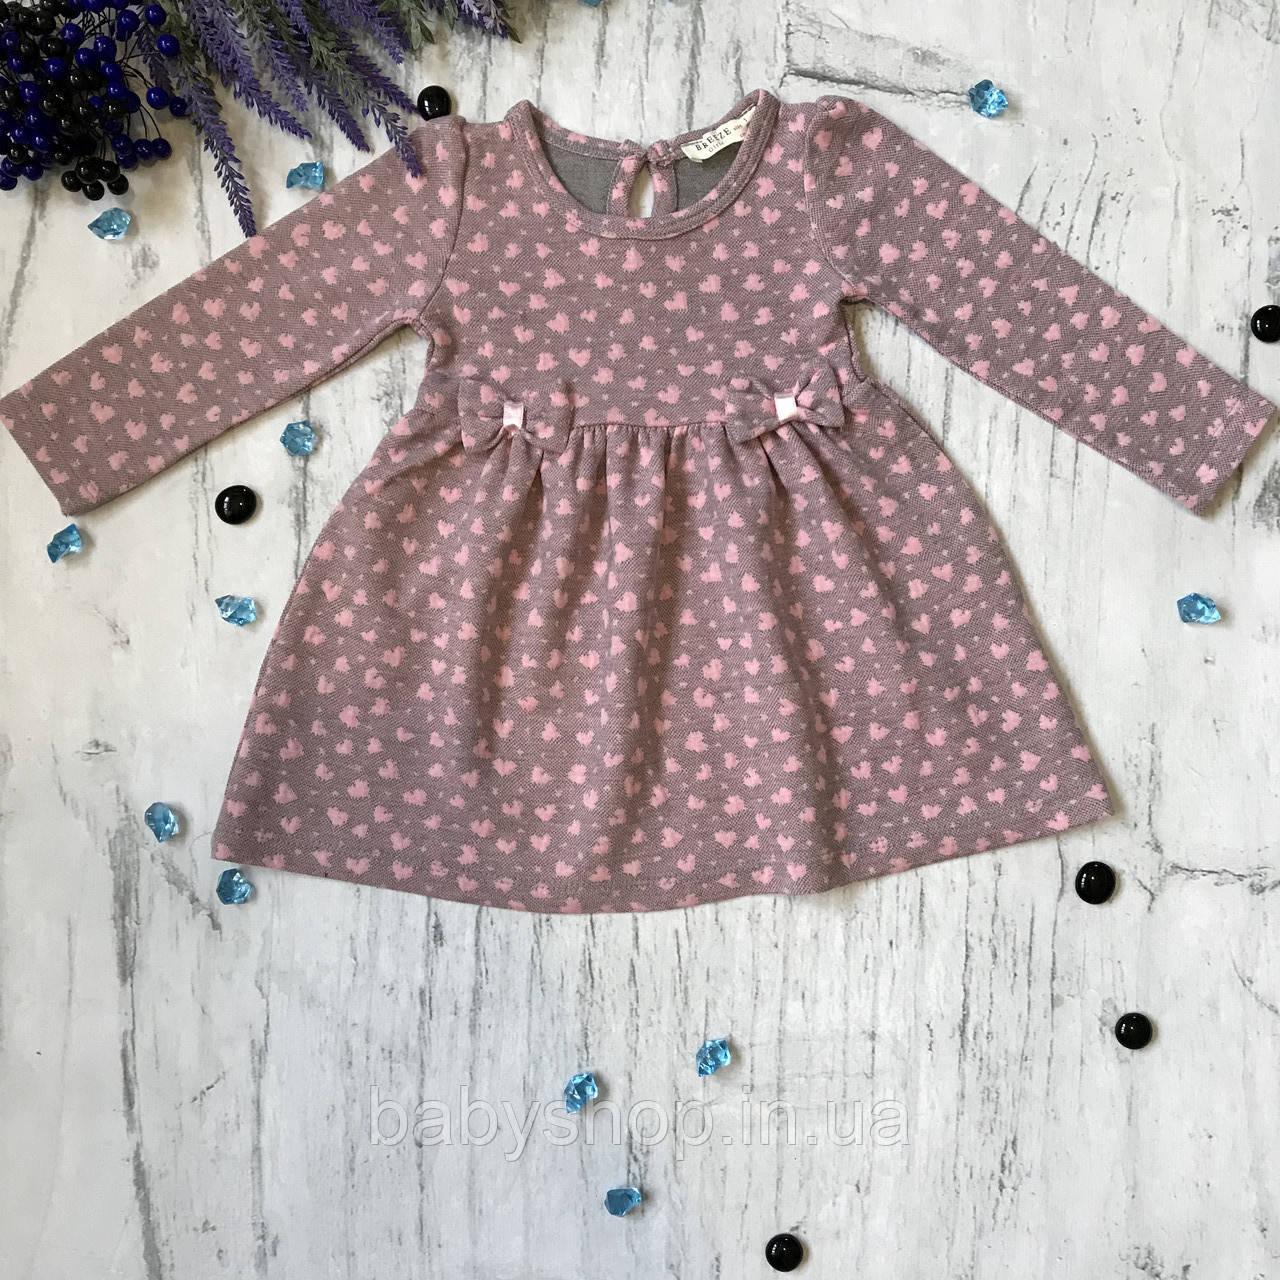 Платье на девочку Breeze 1п. Размер 92 см, 98 см